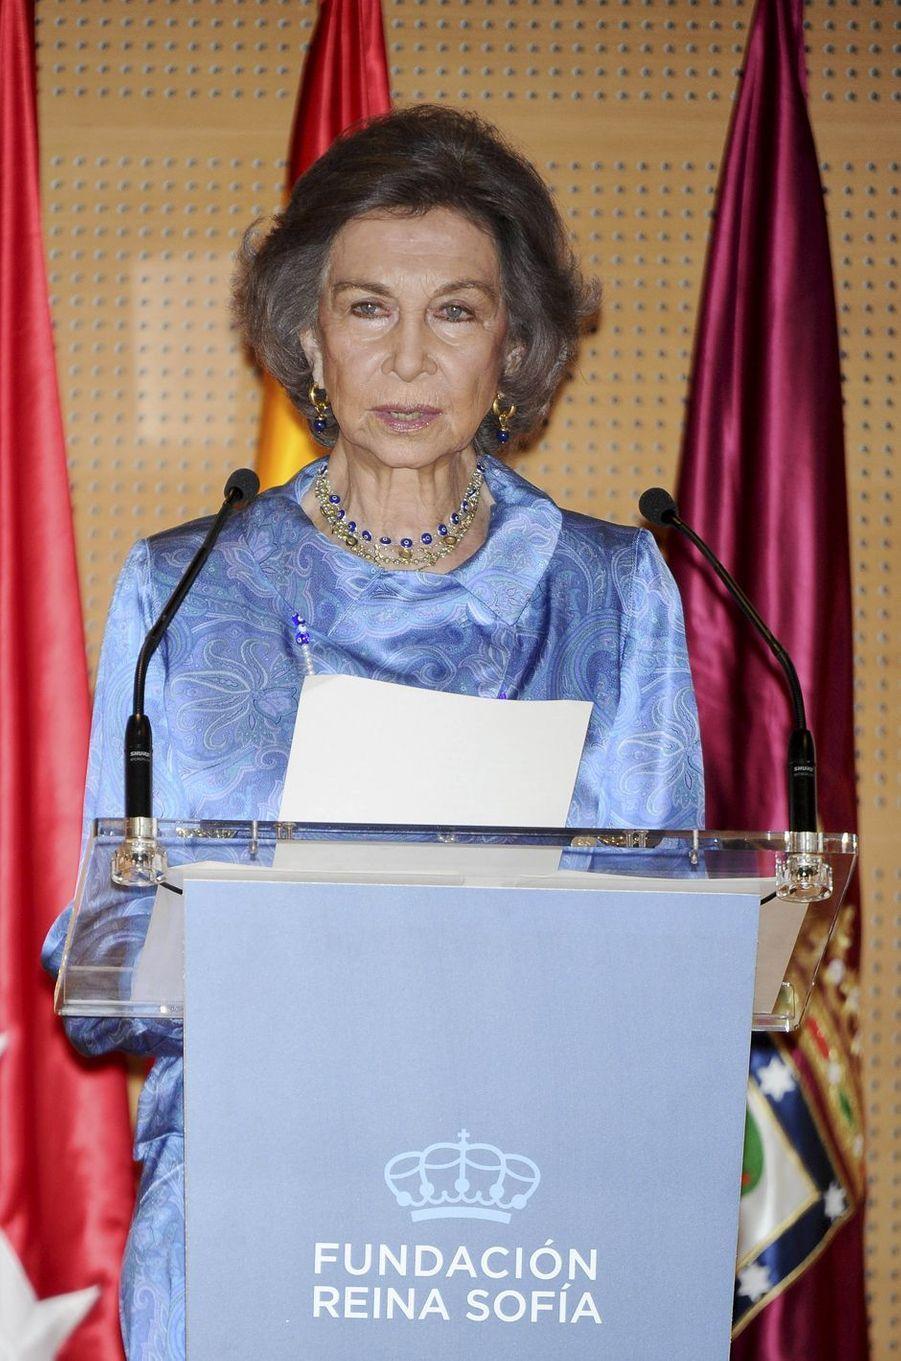 L'ancienne reine Sofia d'Espagne à Madrid, le 22 mai 2017